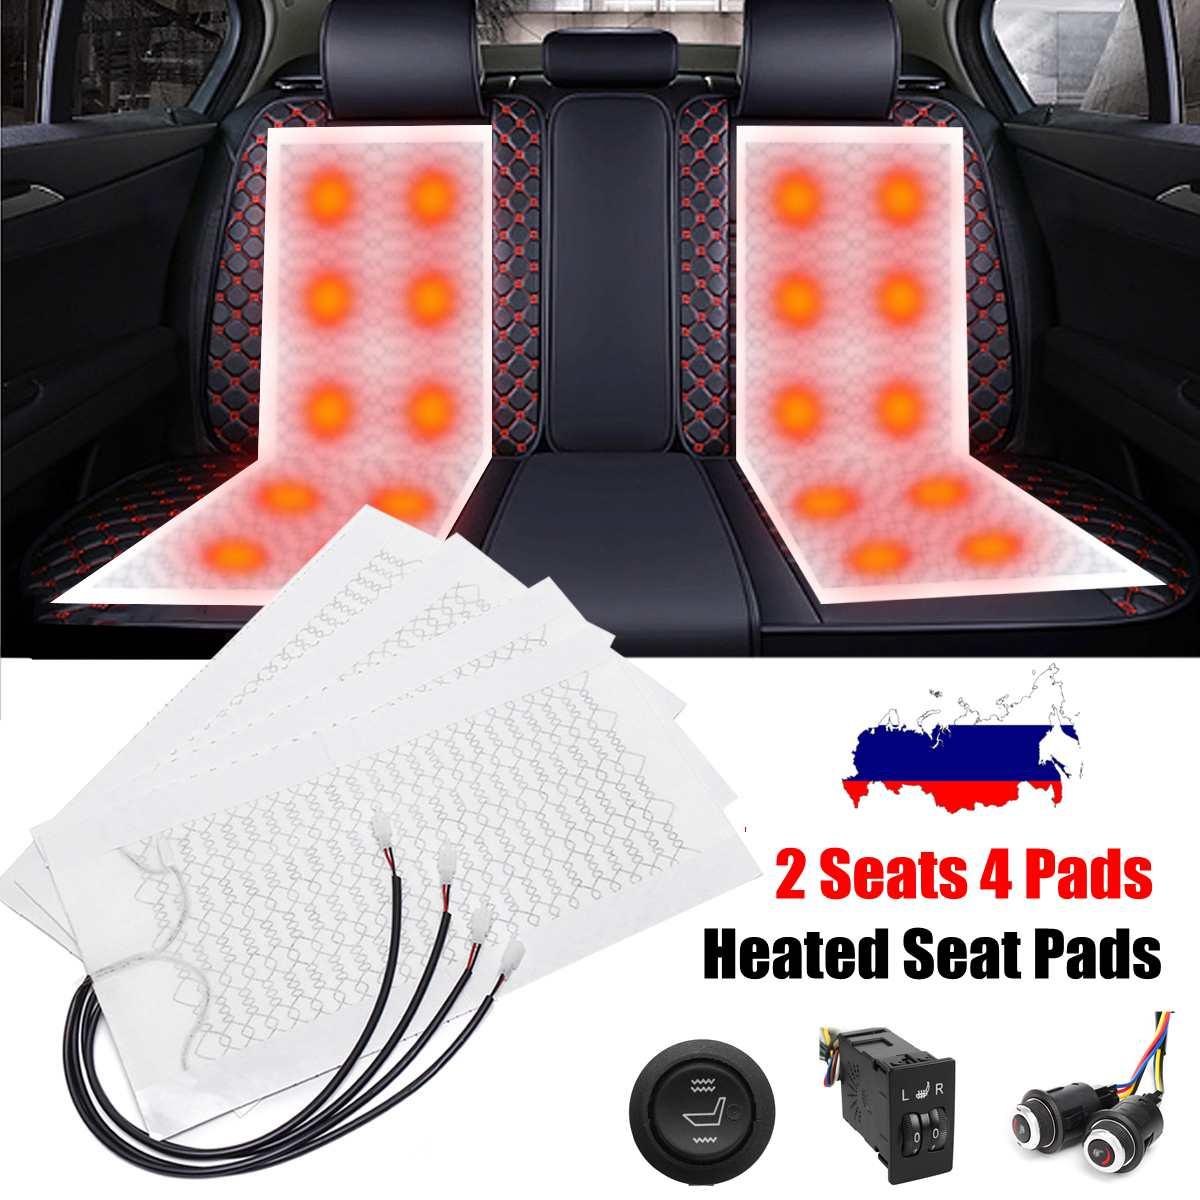 Universel 12 V 2 sièges 4 coussinets fibre de carbone chauffage de siège chauffant 12 V coussinets 2 5 6 commutateur de niveau hiver plus chaud housses de siège